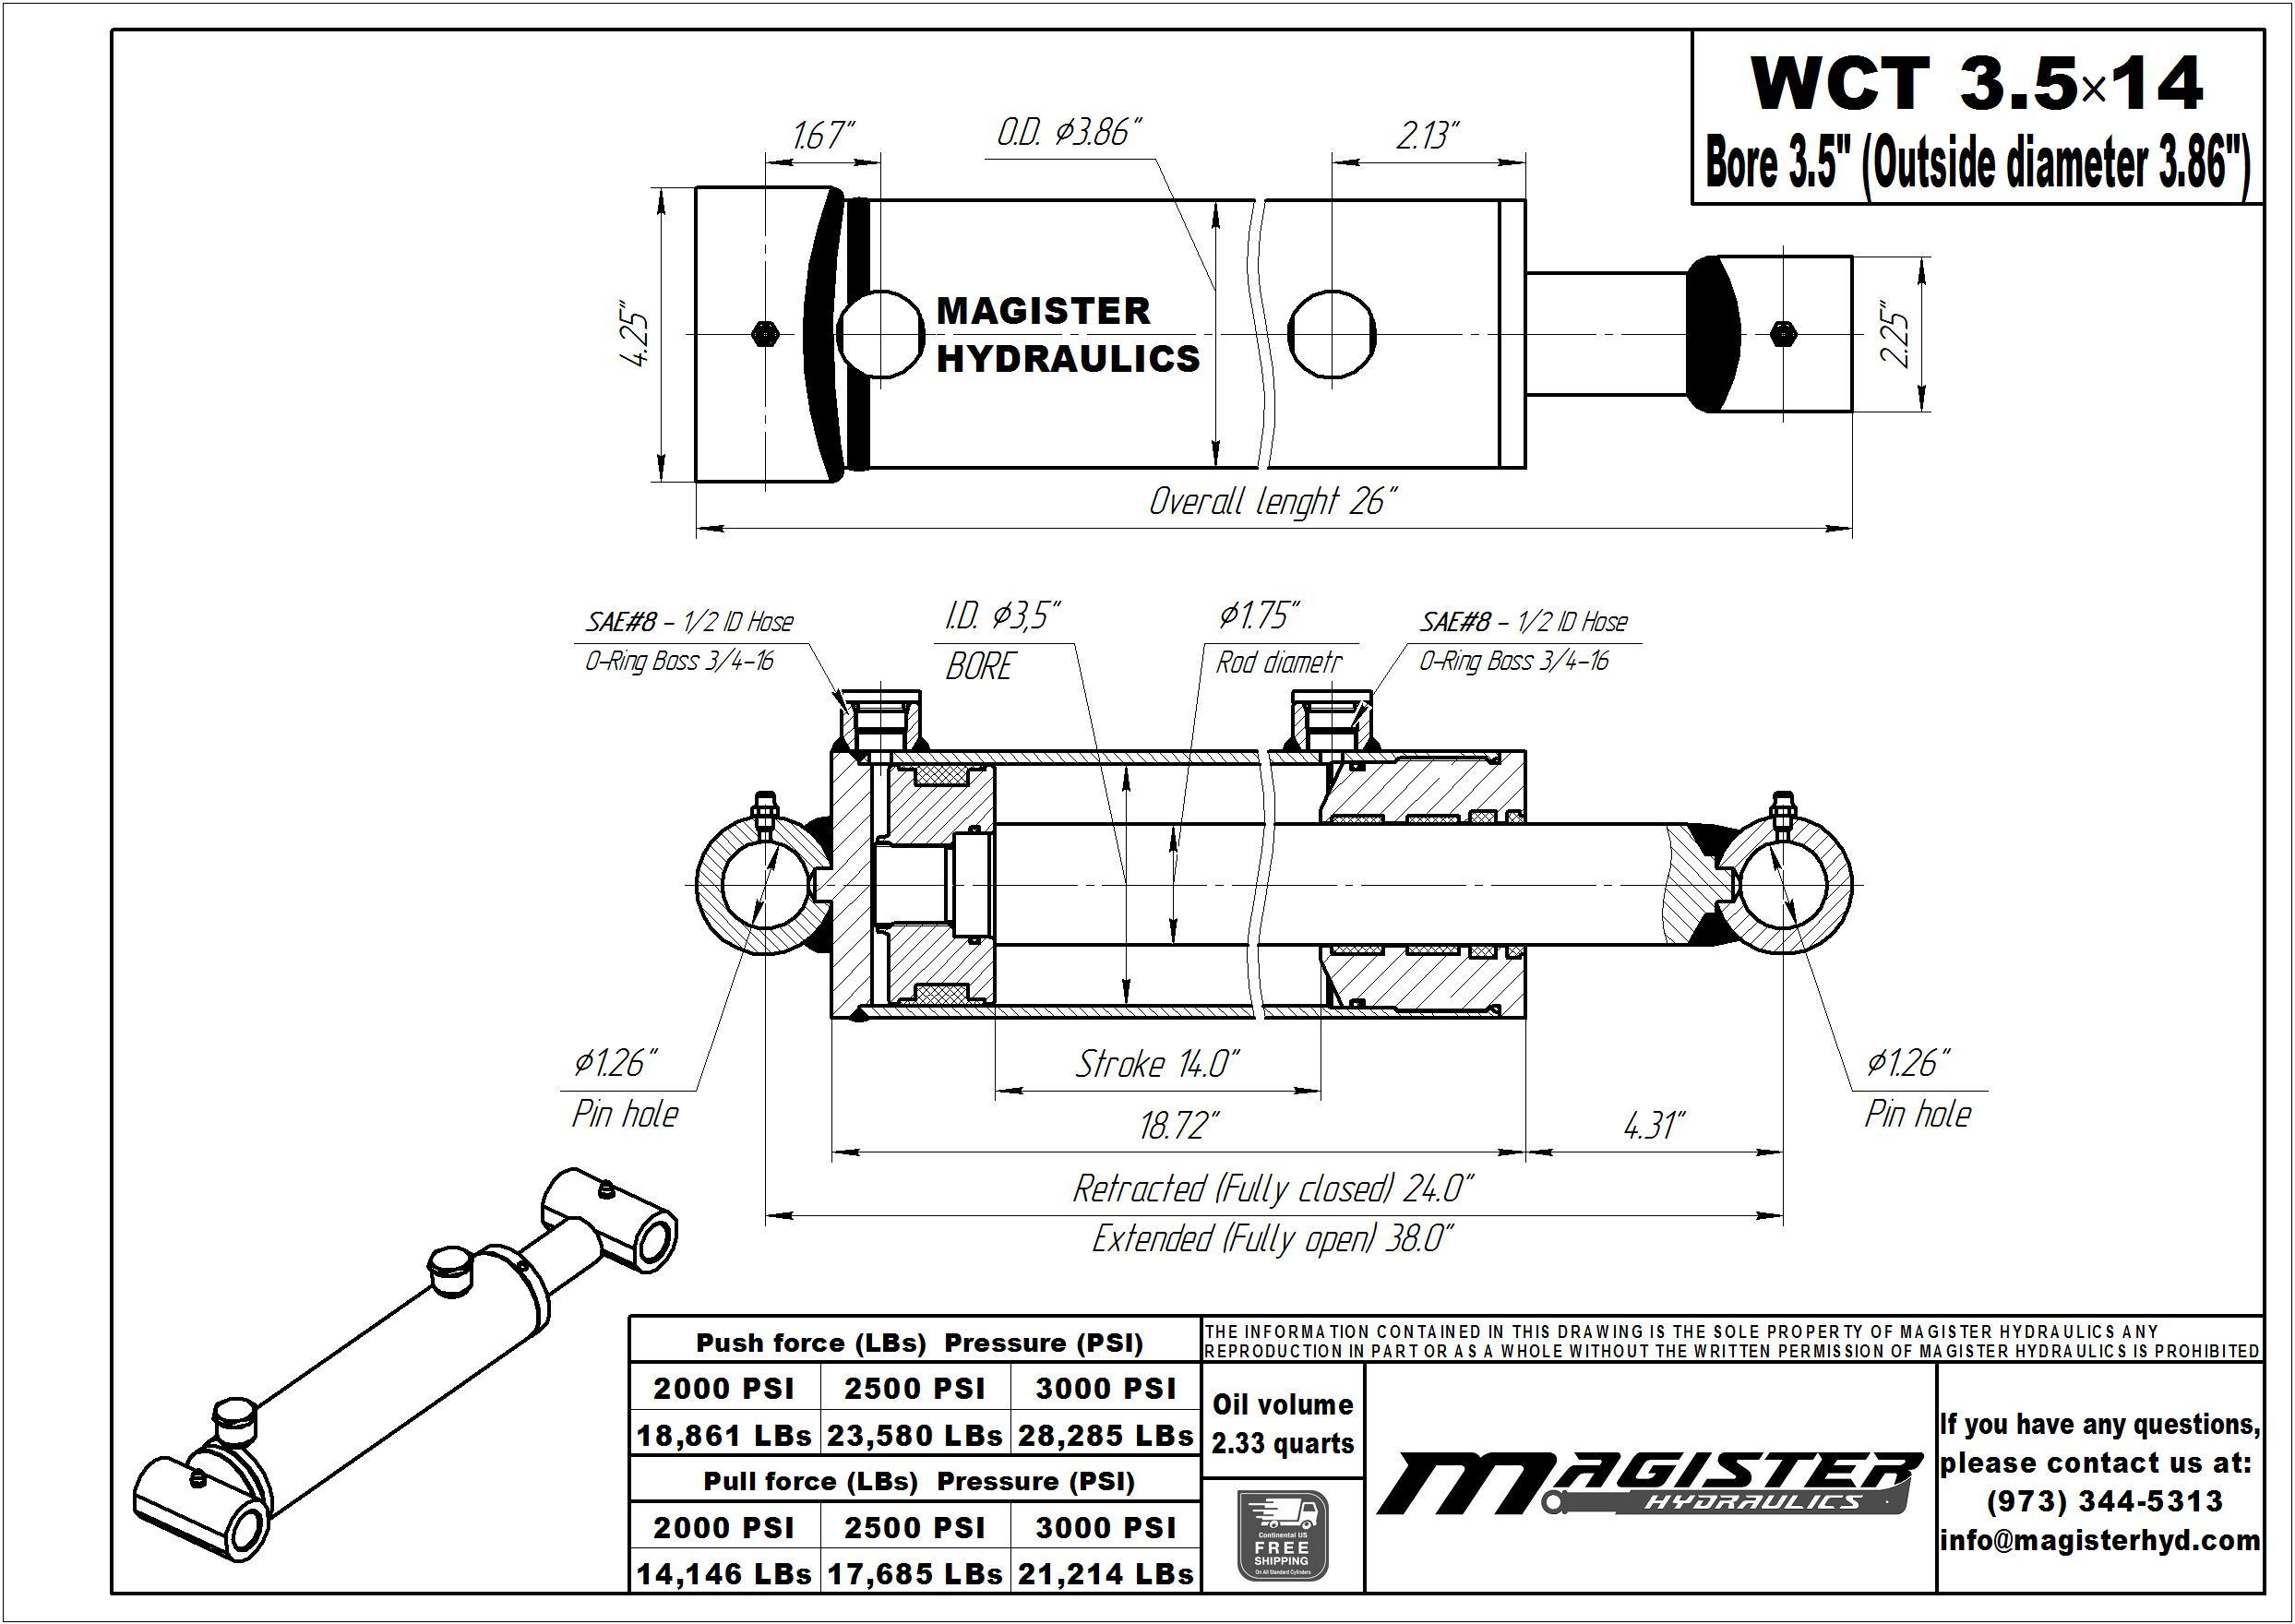 https://www.magisterhyd.com/product/3inch-bore-x-20inch-stroke-cross-tube-hydraulic-cylinder/